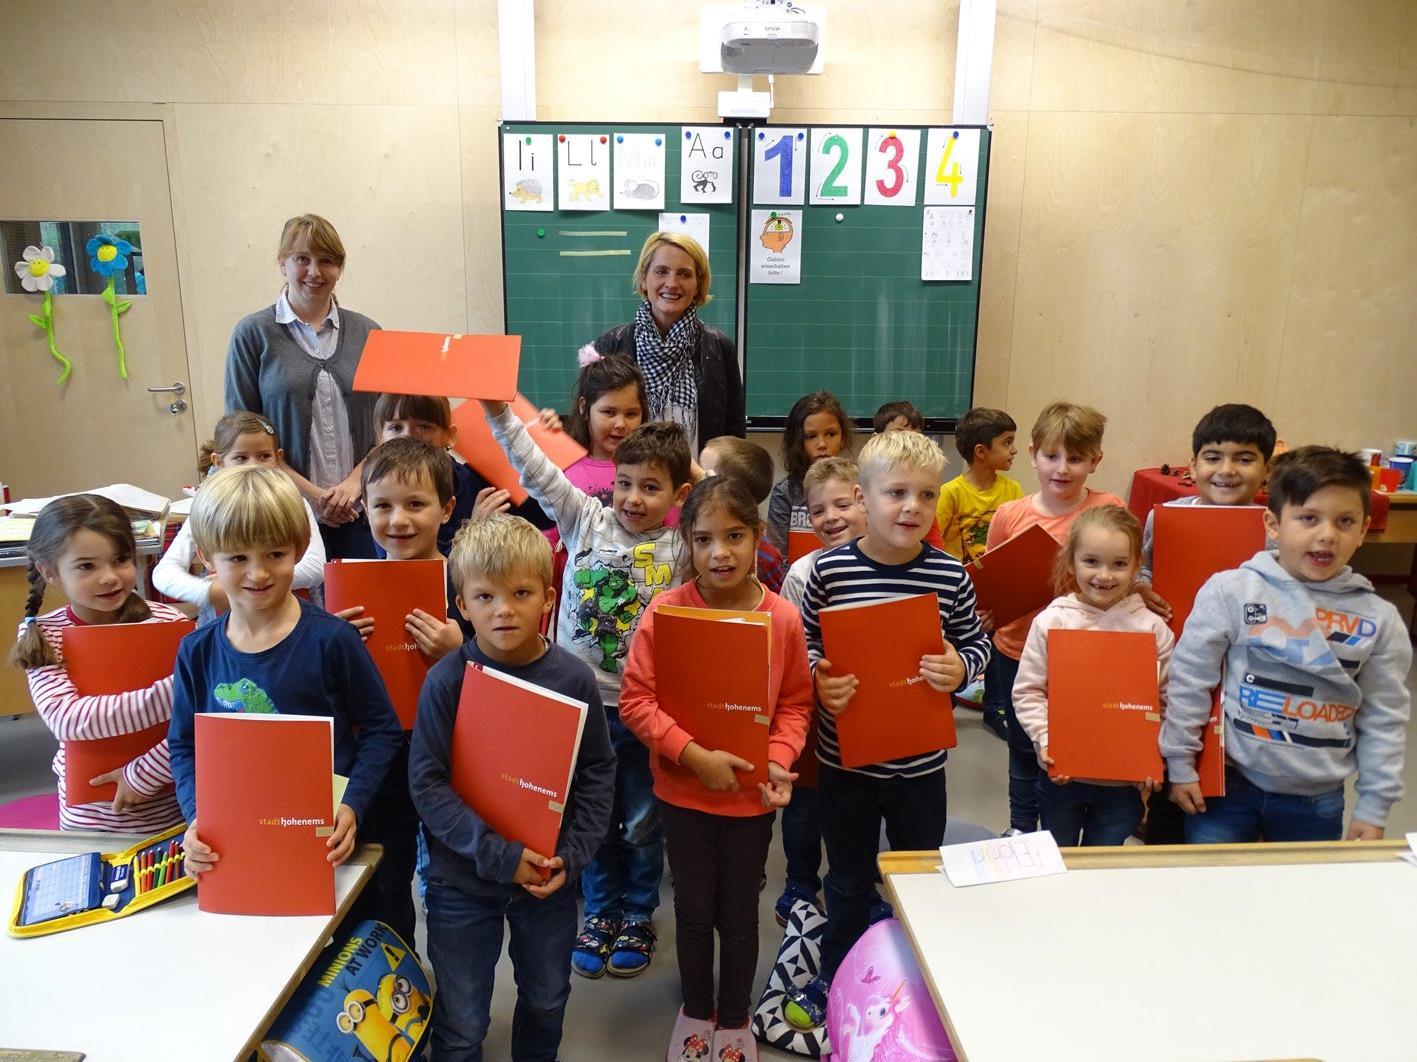 An der Volksschule Herrenried wurden insgesamt 65 Schüler–Startpaket an die Erstklässler verteilt.